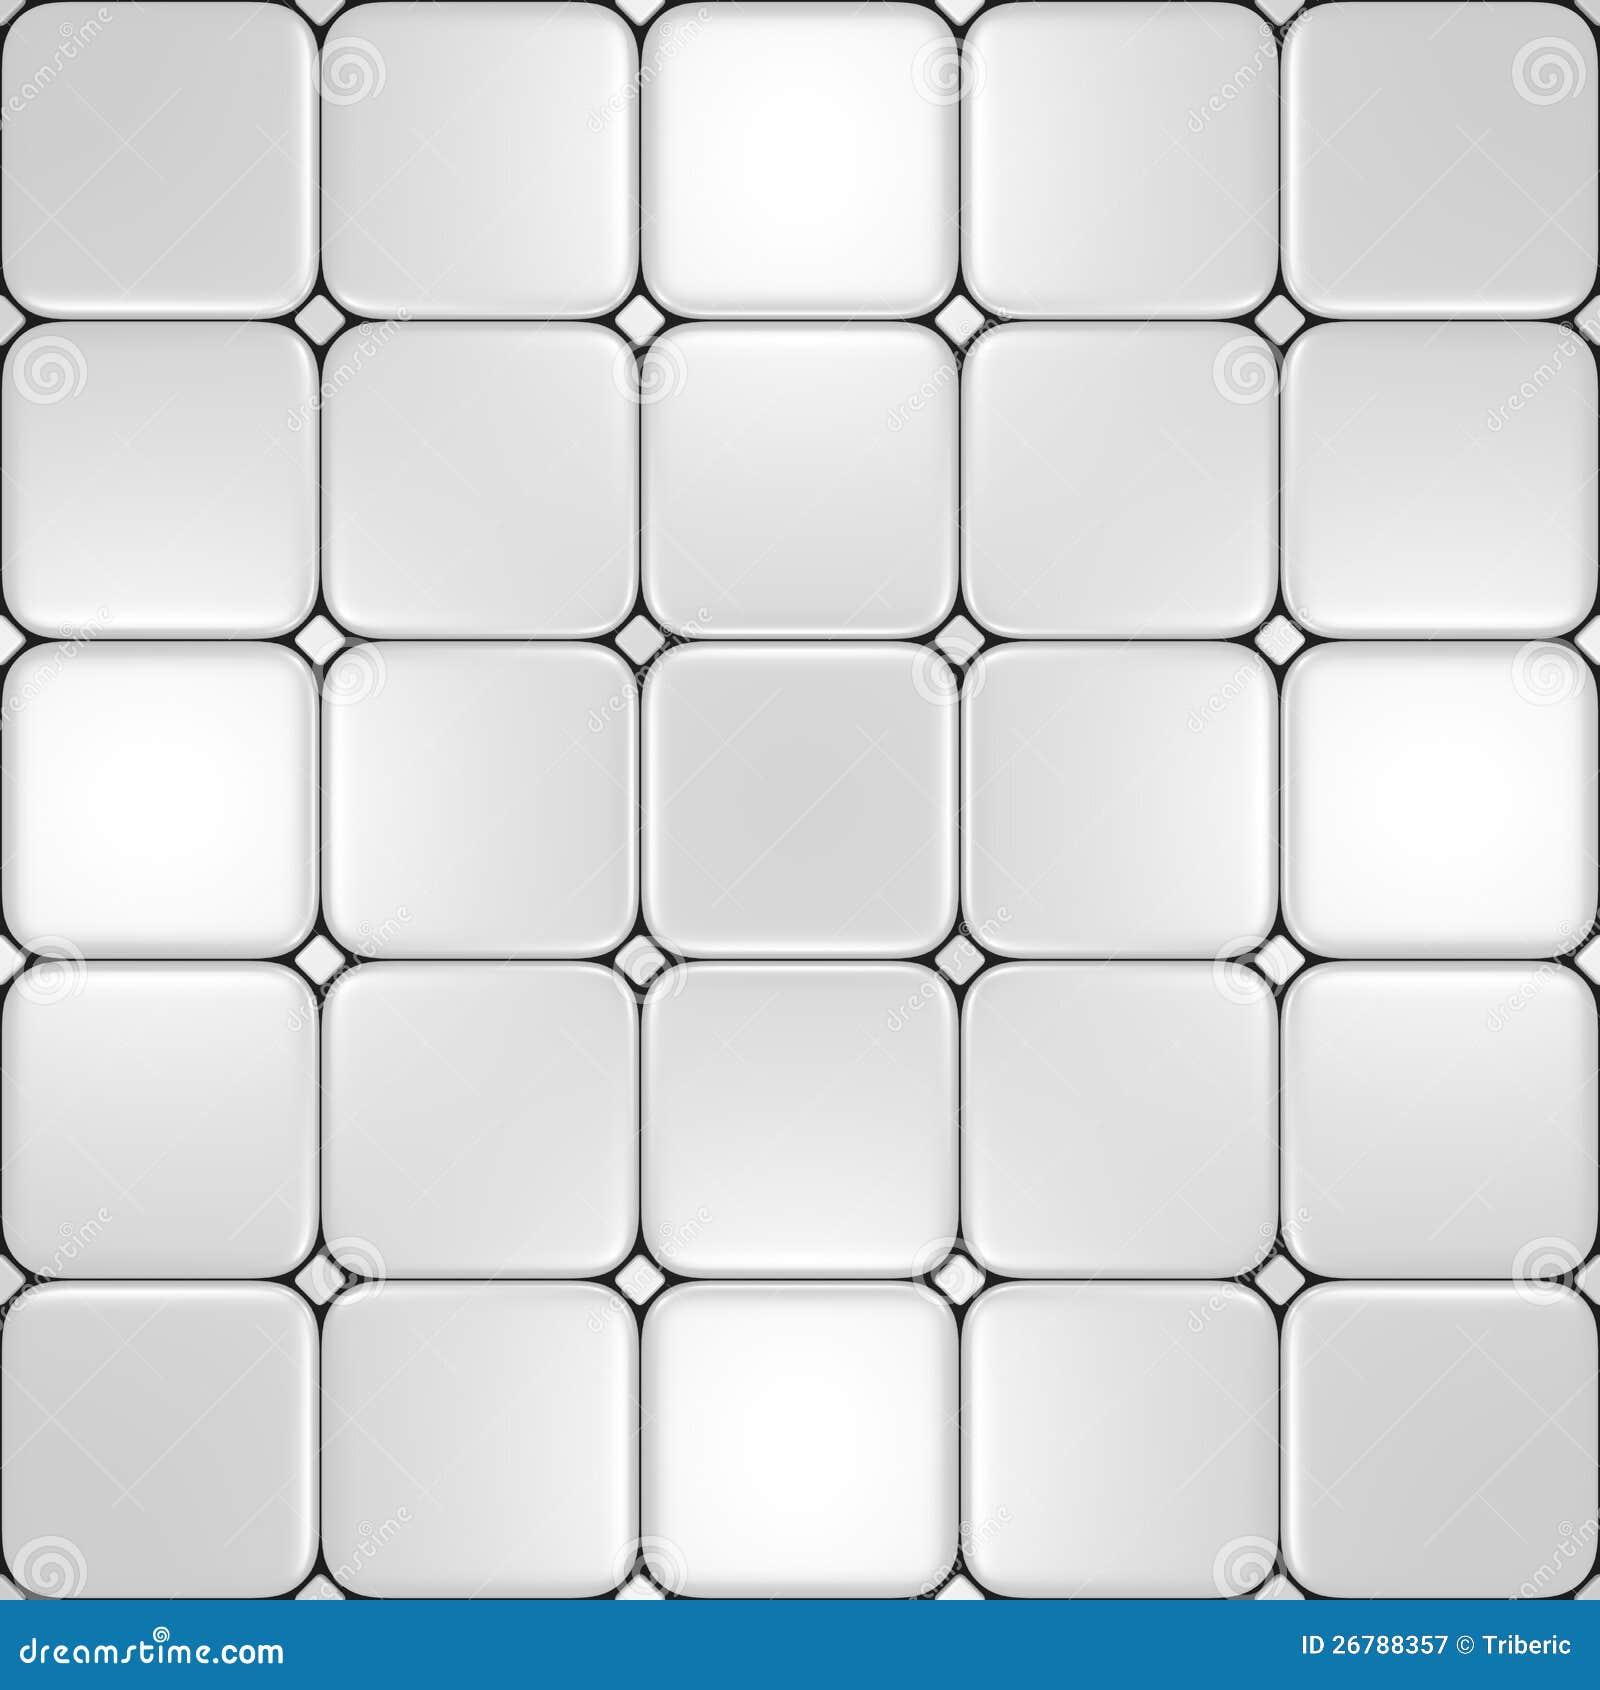 Suelo con diversos azulejos blancos fotograf a de archivo for Suelo 3d blanco